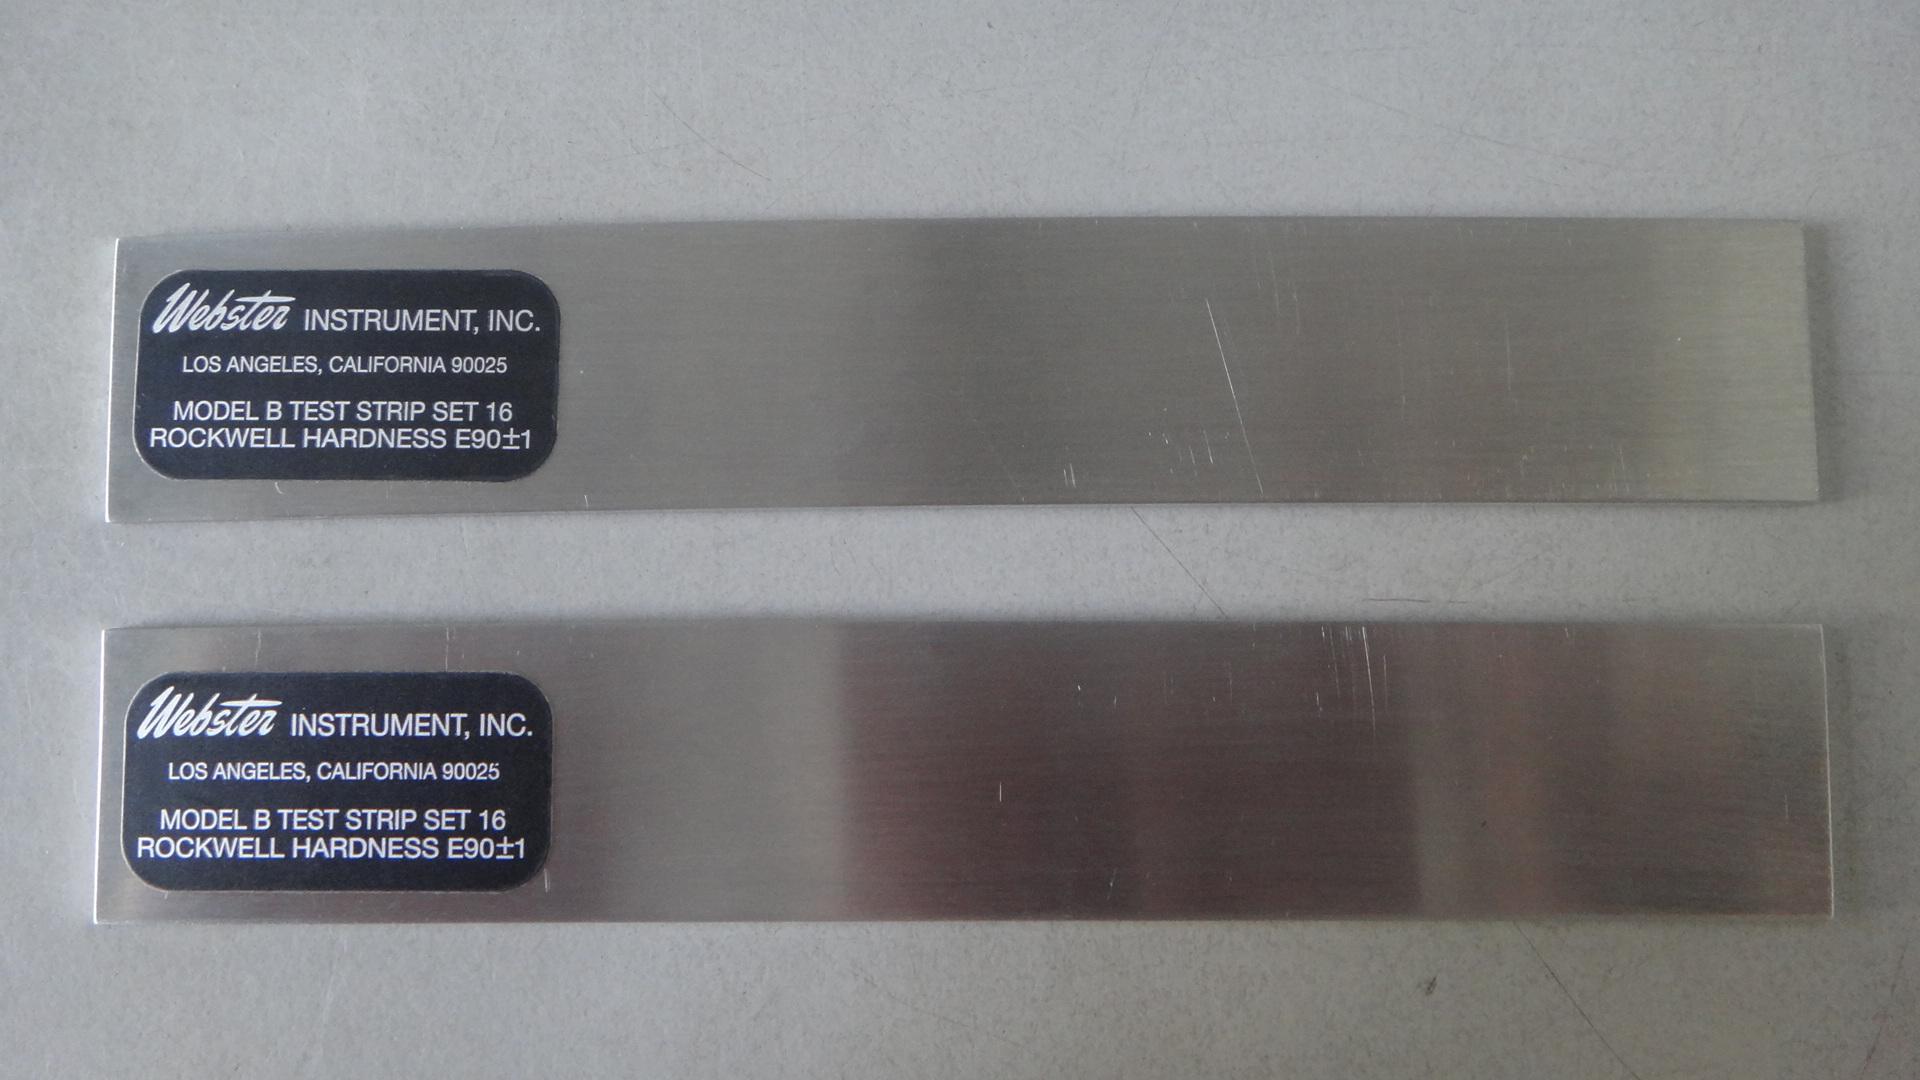 Thanh chuẩn dùng để kiểm tra máy độ cứng HA-5511 Webster